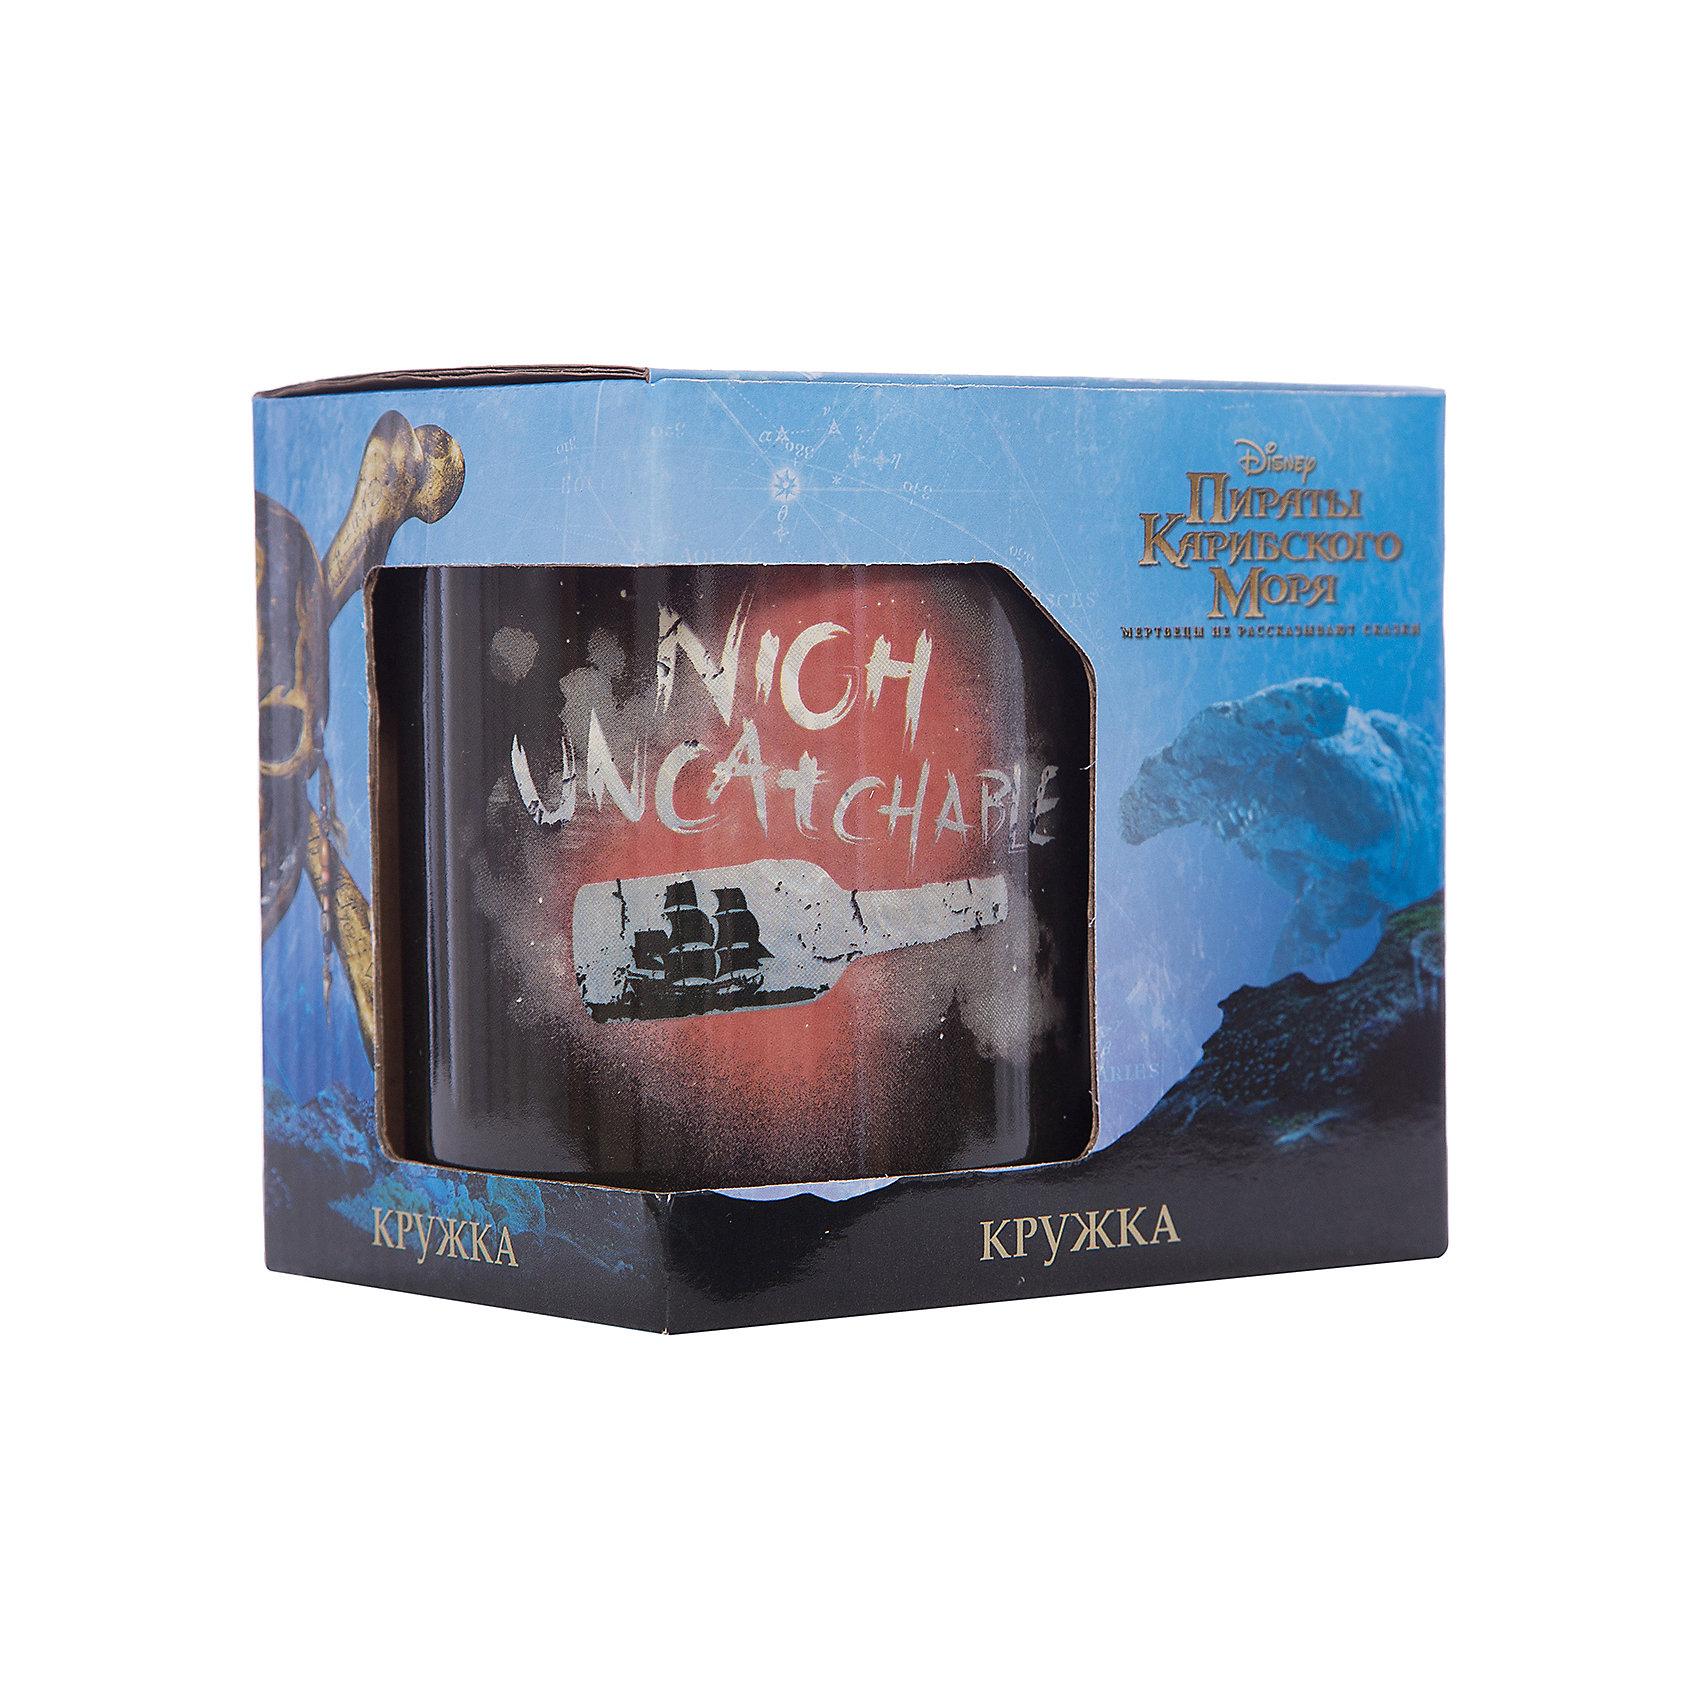 Кружка  Пираты Карибского Моря. Бунтарь в подарочной упаковке, 500 мл., DisneyПосуда<br>Характеристики:<br><br>• Материал: керамика<br>• Тематика рисунка: Пираты Карибского моря<br>• Можно использовать для горячих и холодных напитков<br>• Объем: 500 мл<br>• Вес: 530 г<br>• Размеры (Д*Ш*В): 12*8,2*9,5 см<br>• Упаковка: подарочная картонная коробка<br>• Особенности ухода: можно мыть в посудомоечной машине<br><br>Кружка Пираты Карибского моря. Бунтарь в подарочной упаковке, 500 мл., Disney выполнена в стильном дизайне: на черном корпусе нанесено изображение капитана Джека Воробья, ручка у кружки белая. Изображение устойчиво к появлению царапин, не выцветает при частом мытье. <br><br>Кружку Пираты Карибского моря. Бунтарь в подарочной упаковке, 500 мл., Disney можно купить в нашем интернет-магазине.<br><br>Ширина мм: 120<br>Глубина мм: 82<br>Высота мм: 95<br>Вес г: 530<br>Возраст от месяцев: 36<br>Возраст до месяцев: 1188<br>Пол: Унисекс<br>Возраст: Детский<br>SKU: 6849948